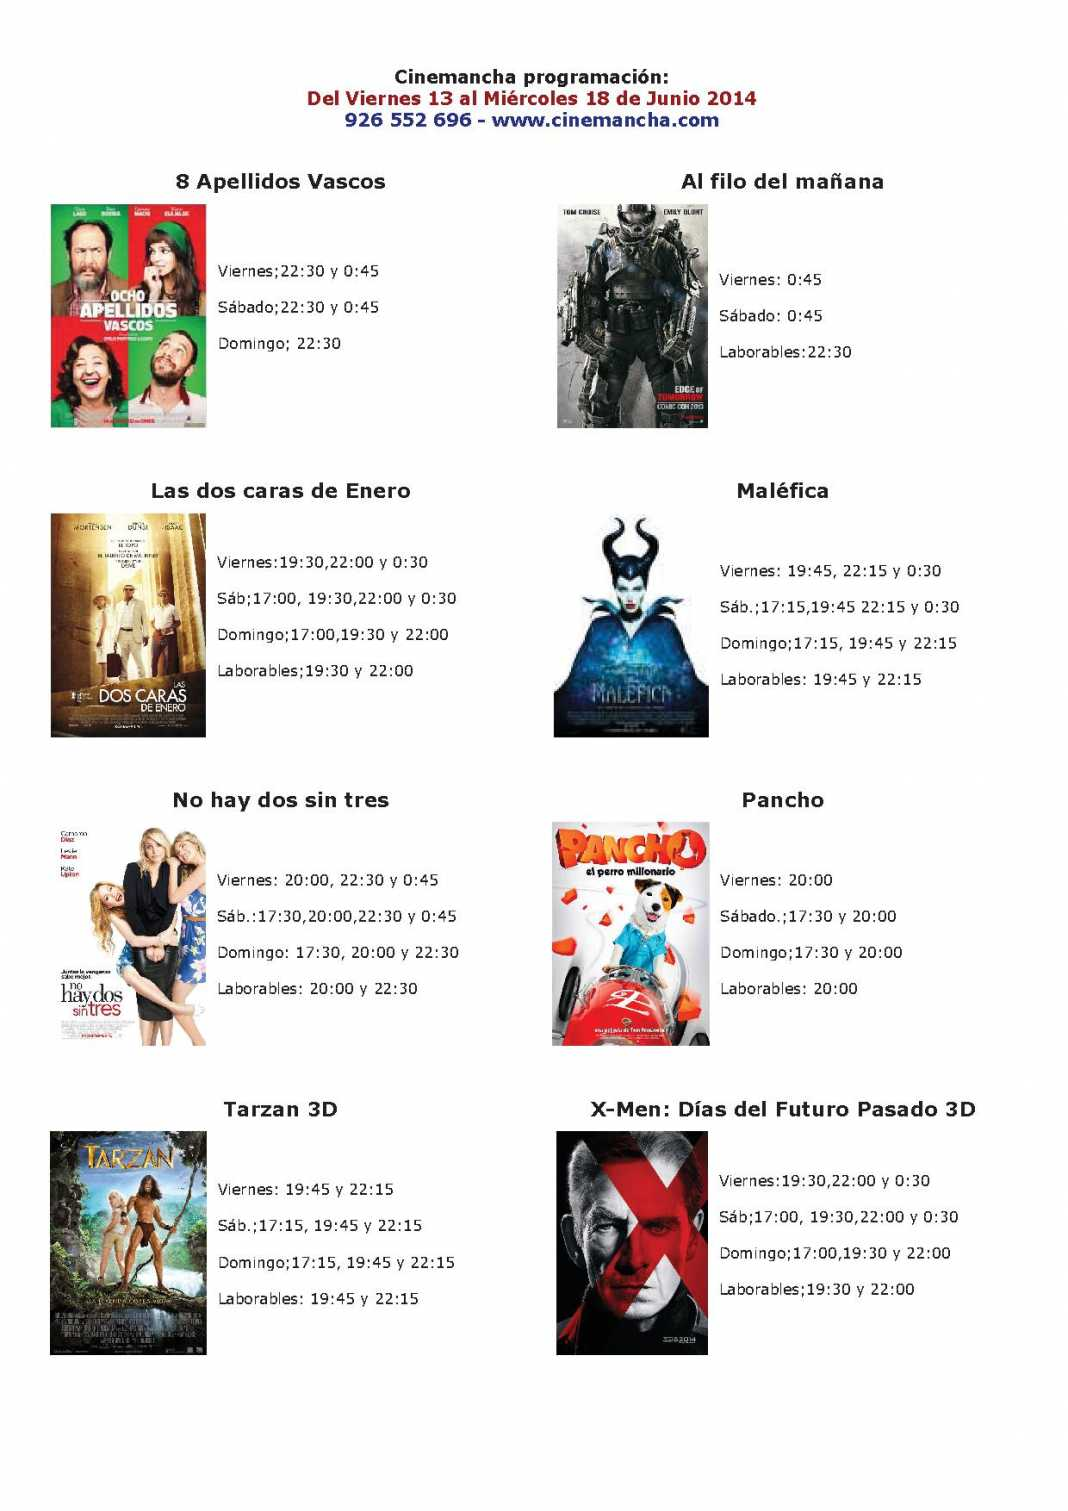 Cinemancha programación: Del Viernes 13 al Miércoles 18 de Junio 2014 1